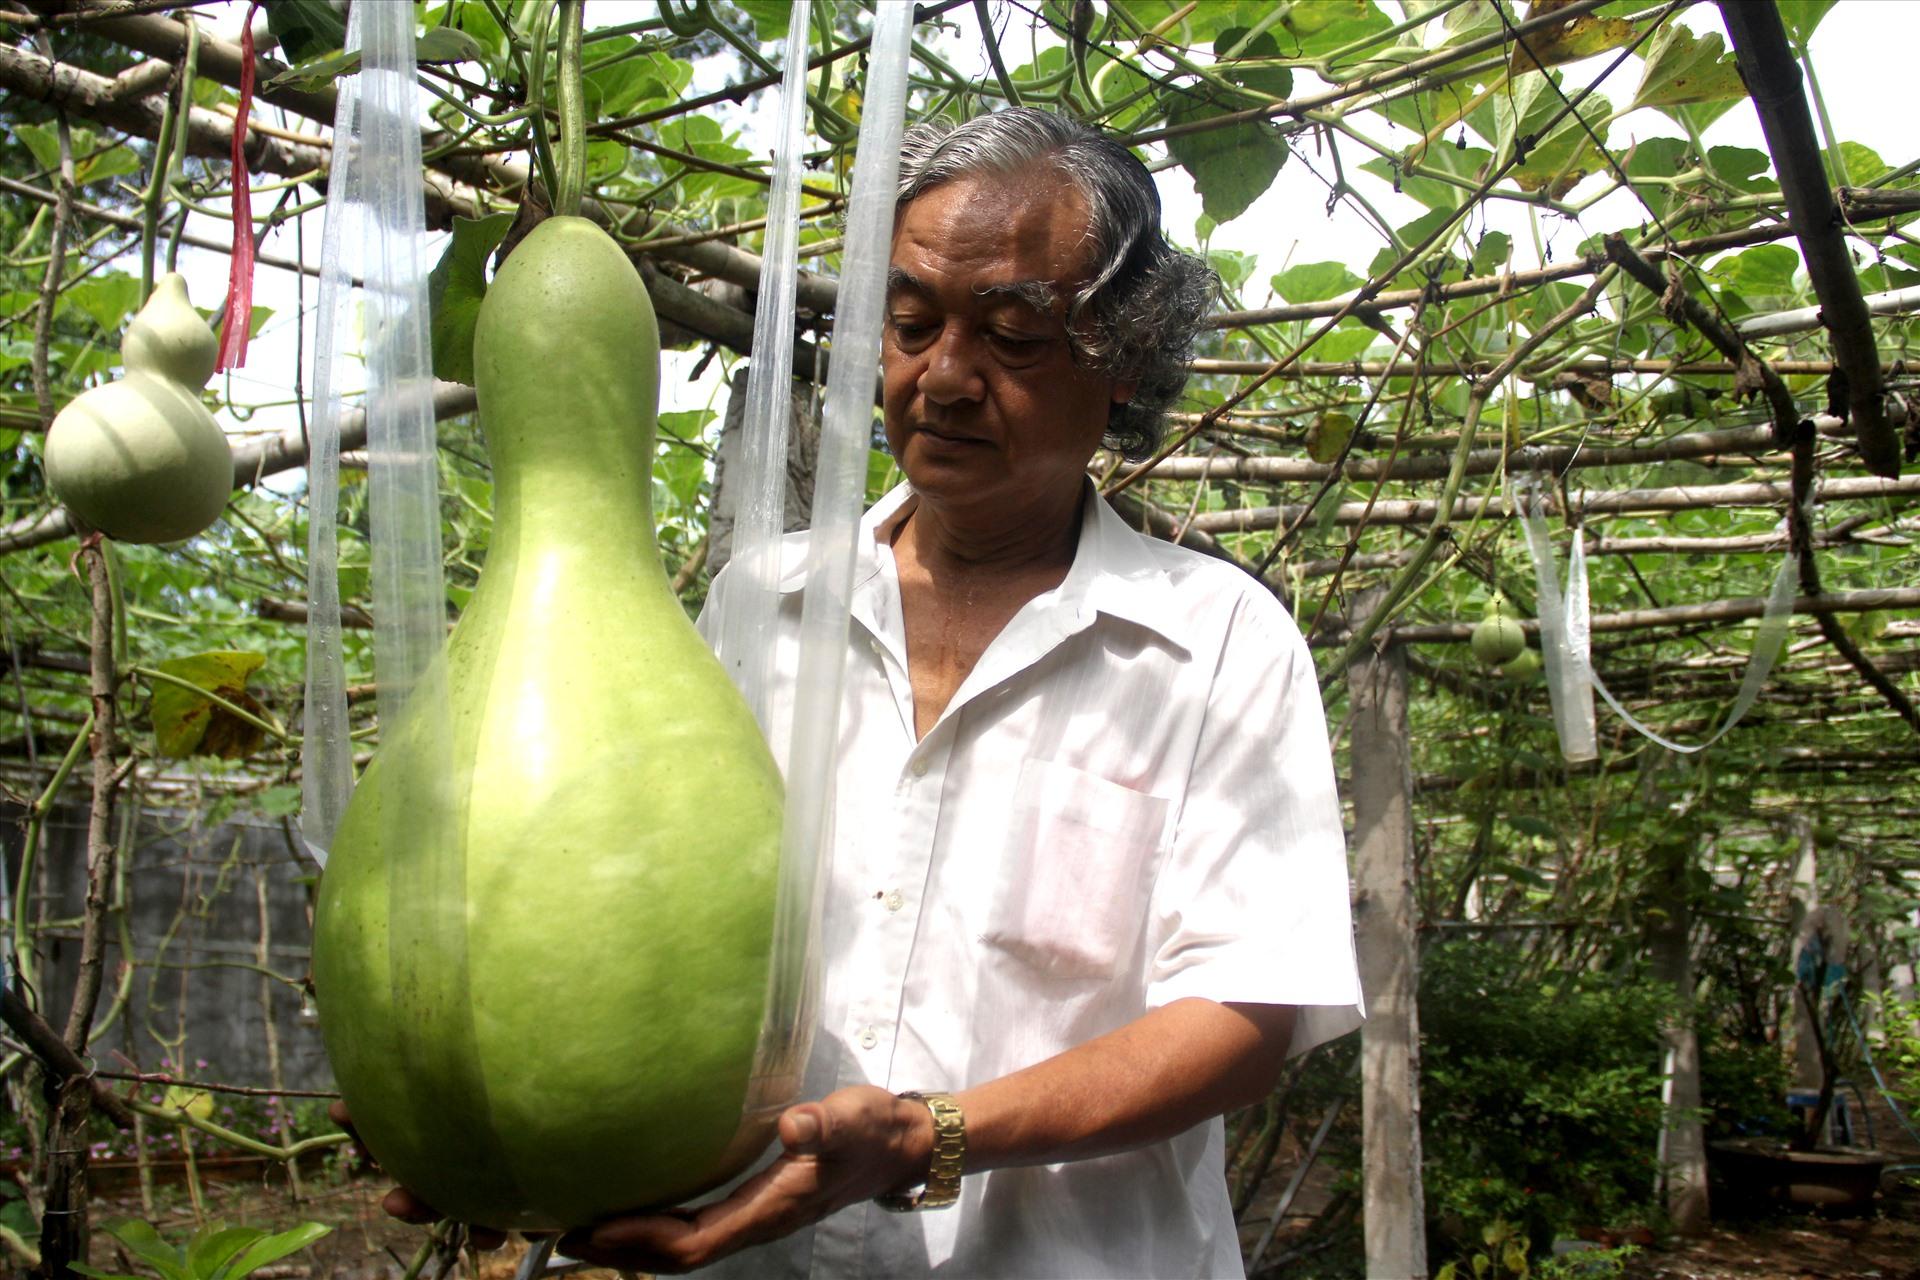 Hỏi về hạt giống, ông Tài cho biết, vô tình ông phát hiện trên bàn thờ có trái bầu khô. Sau đó, ông lấy hạt rồi gieo trong vườn nhà. Ít lâu sau, bầu nảy mầm phát triển xanh tốt và bắt đầu ra trái.